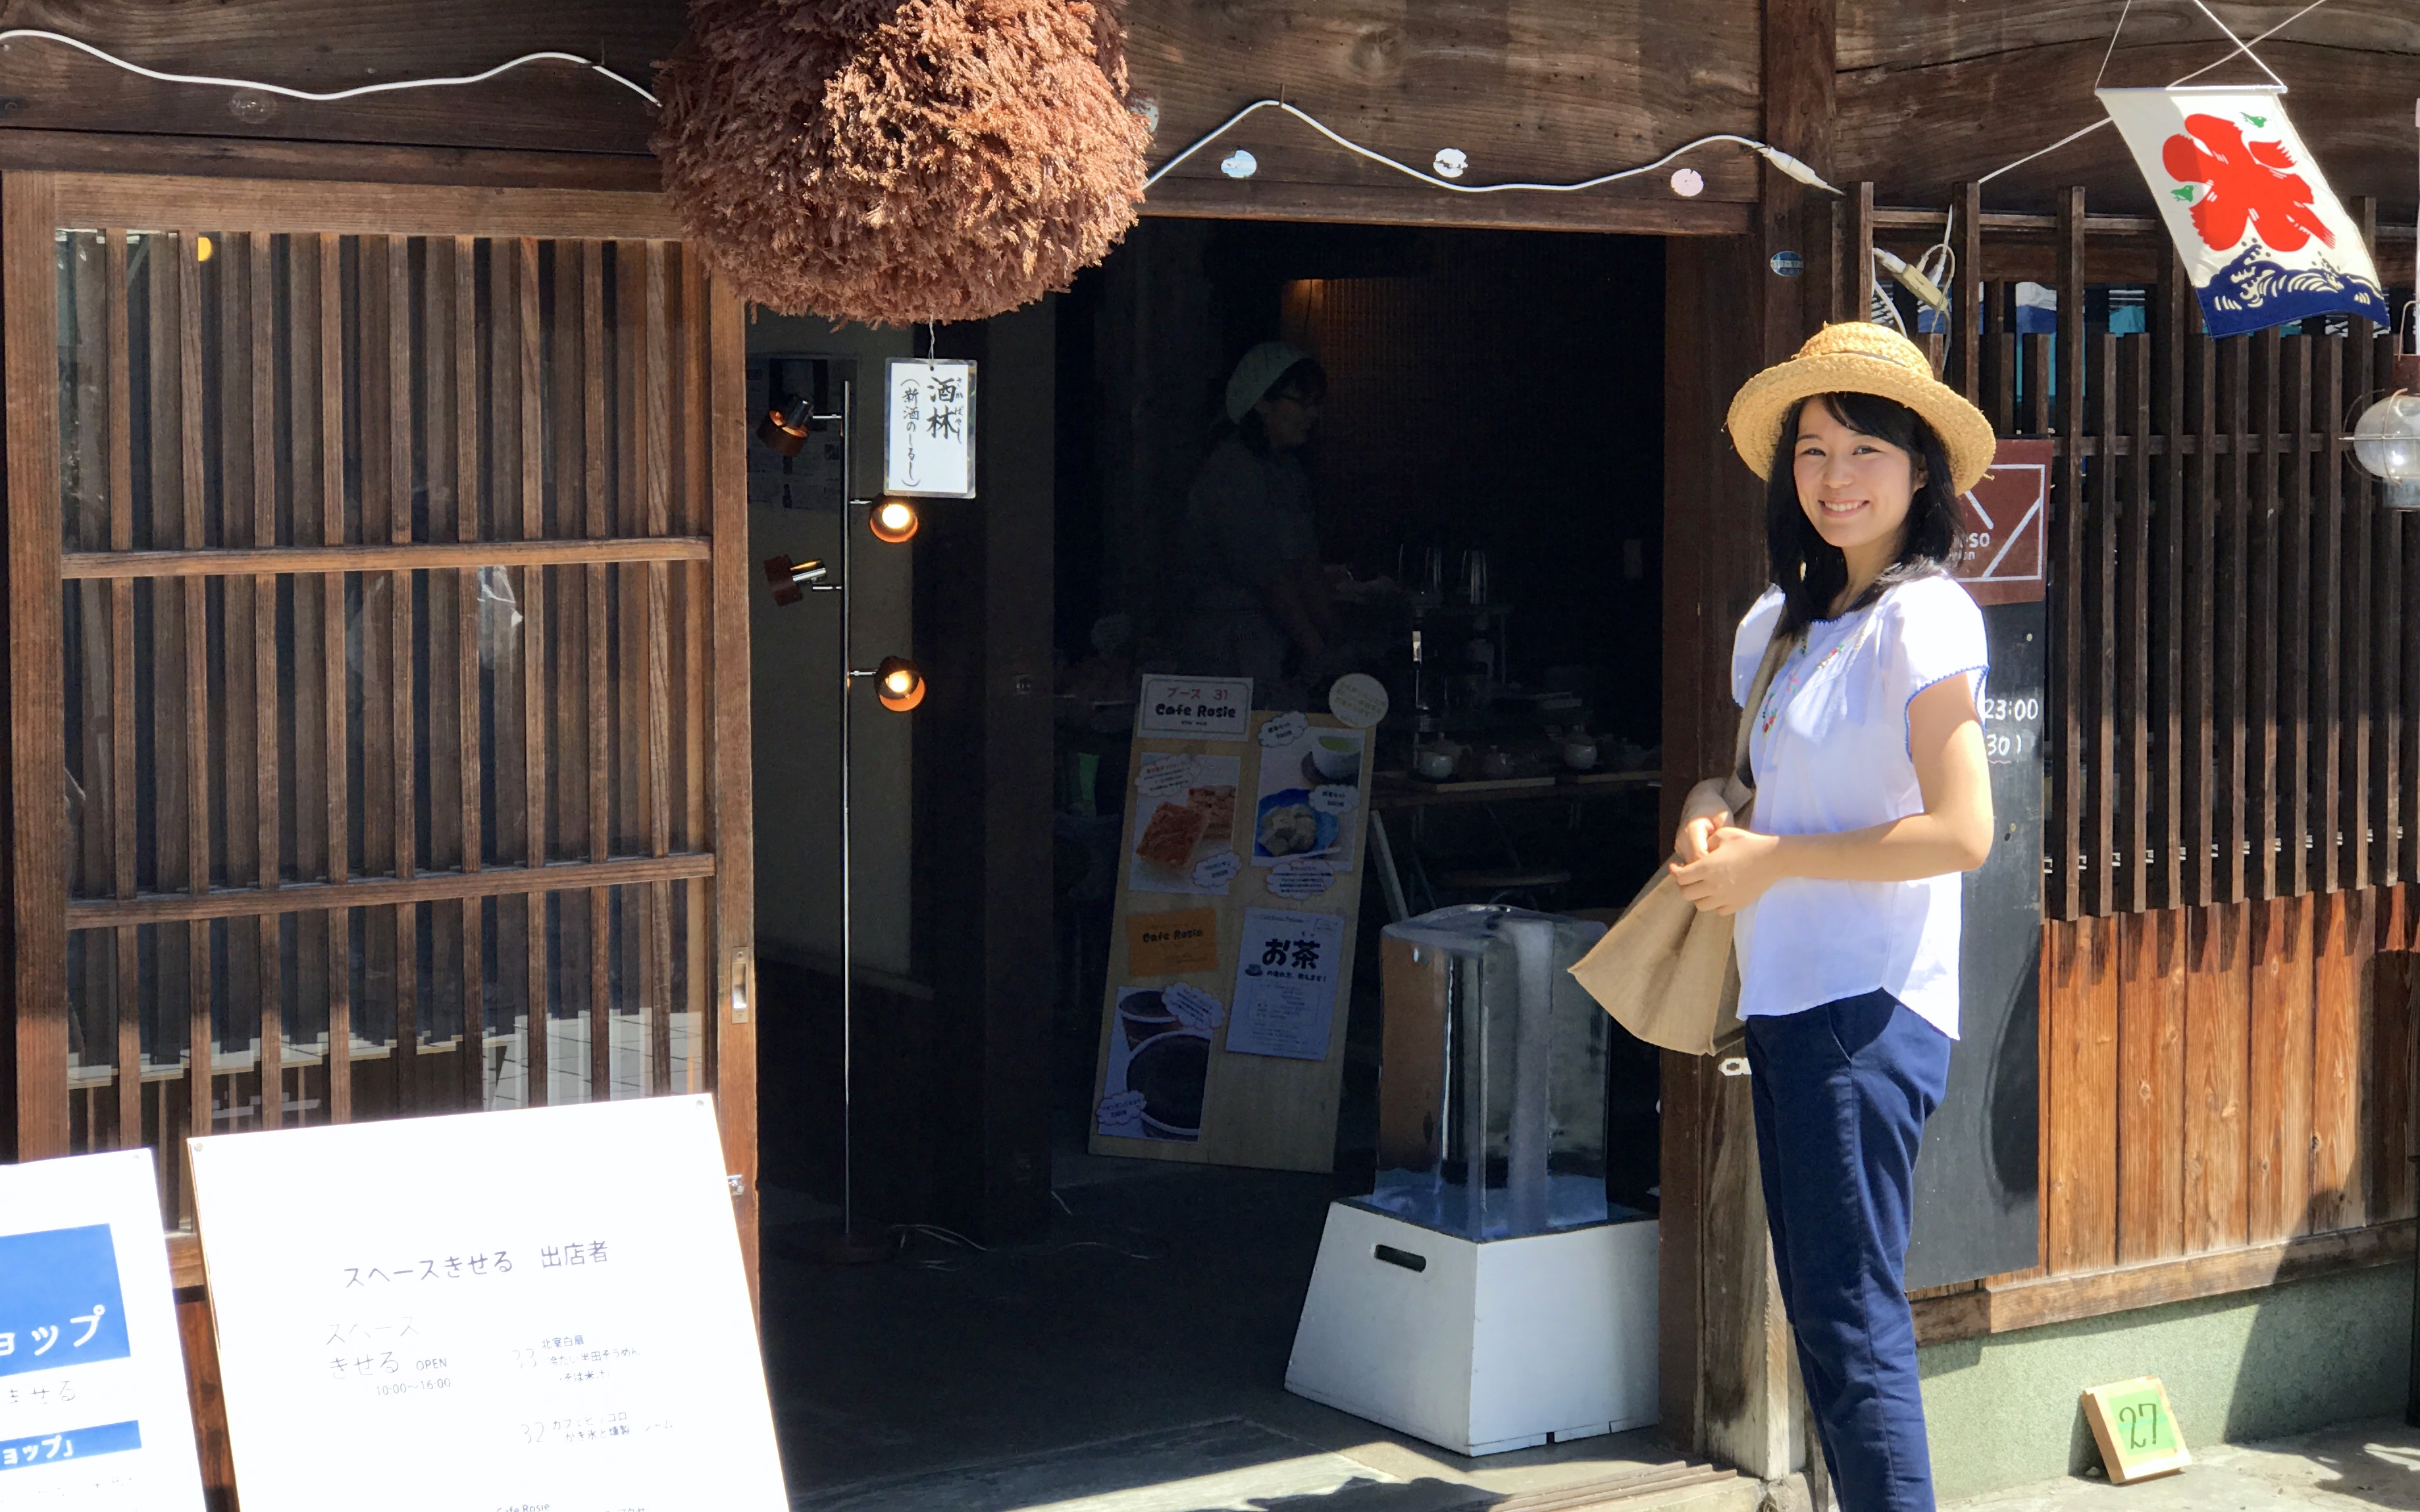 【徳島】四国の手作り品が集まる「うだつマルシェ」で宝探しをしたら、カフェココクロスでベジランチ!